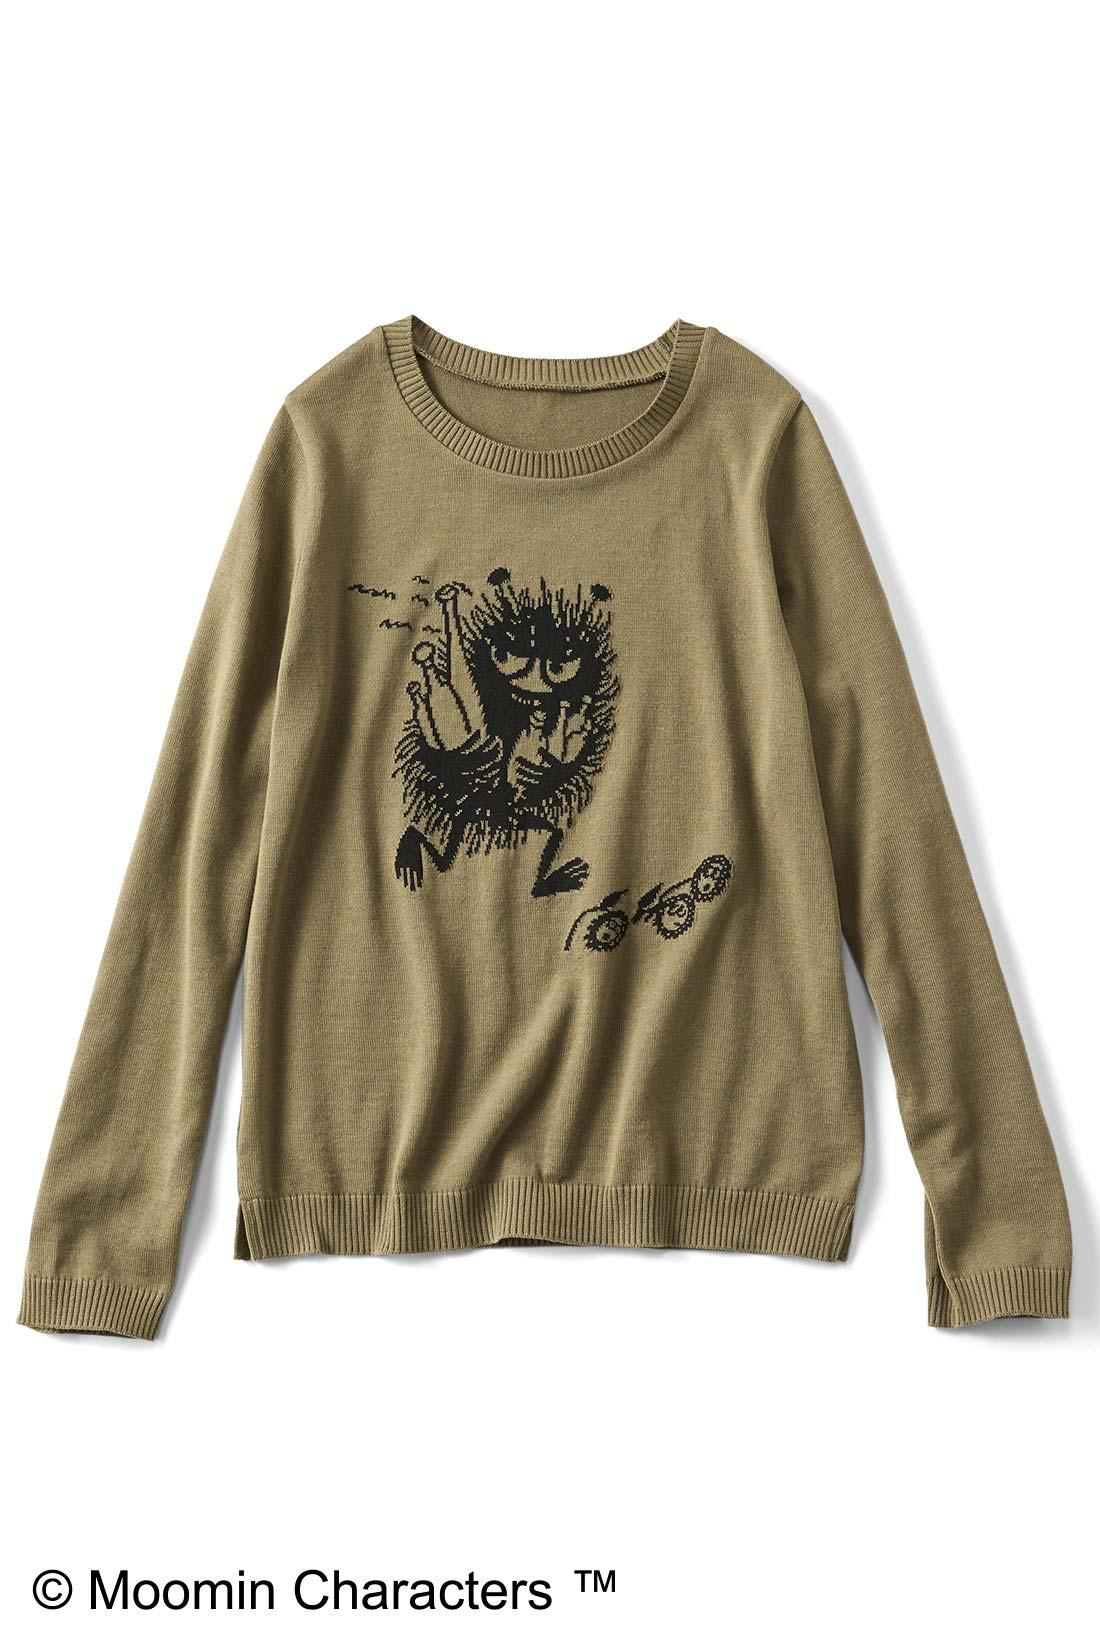 [スティンキー・カーキ]プリントじゃなくて編み模様で表現しているので、なんとなくオトナっぽく見えない? すそのスリットもチャームポイント。